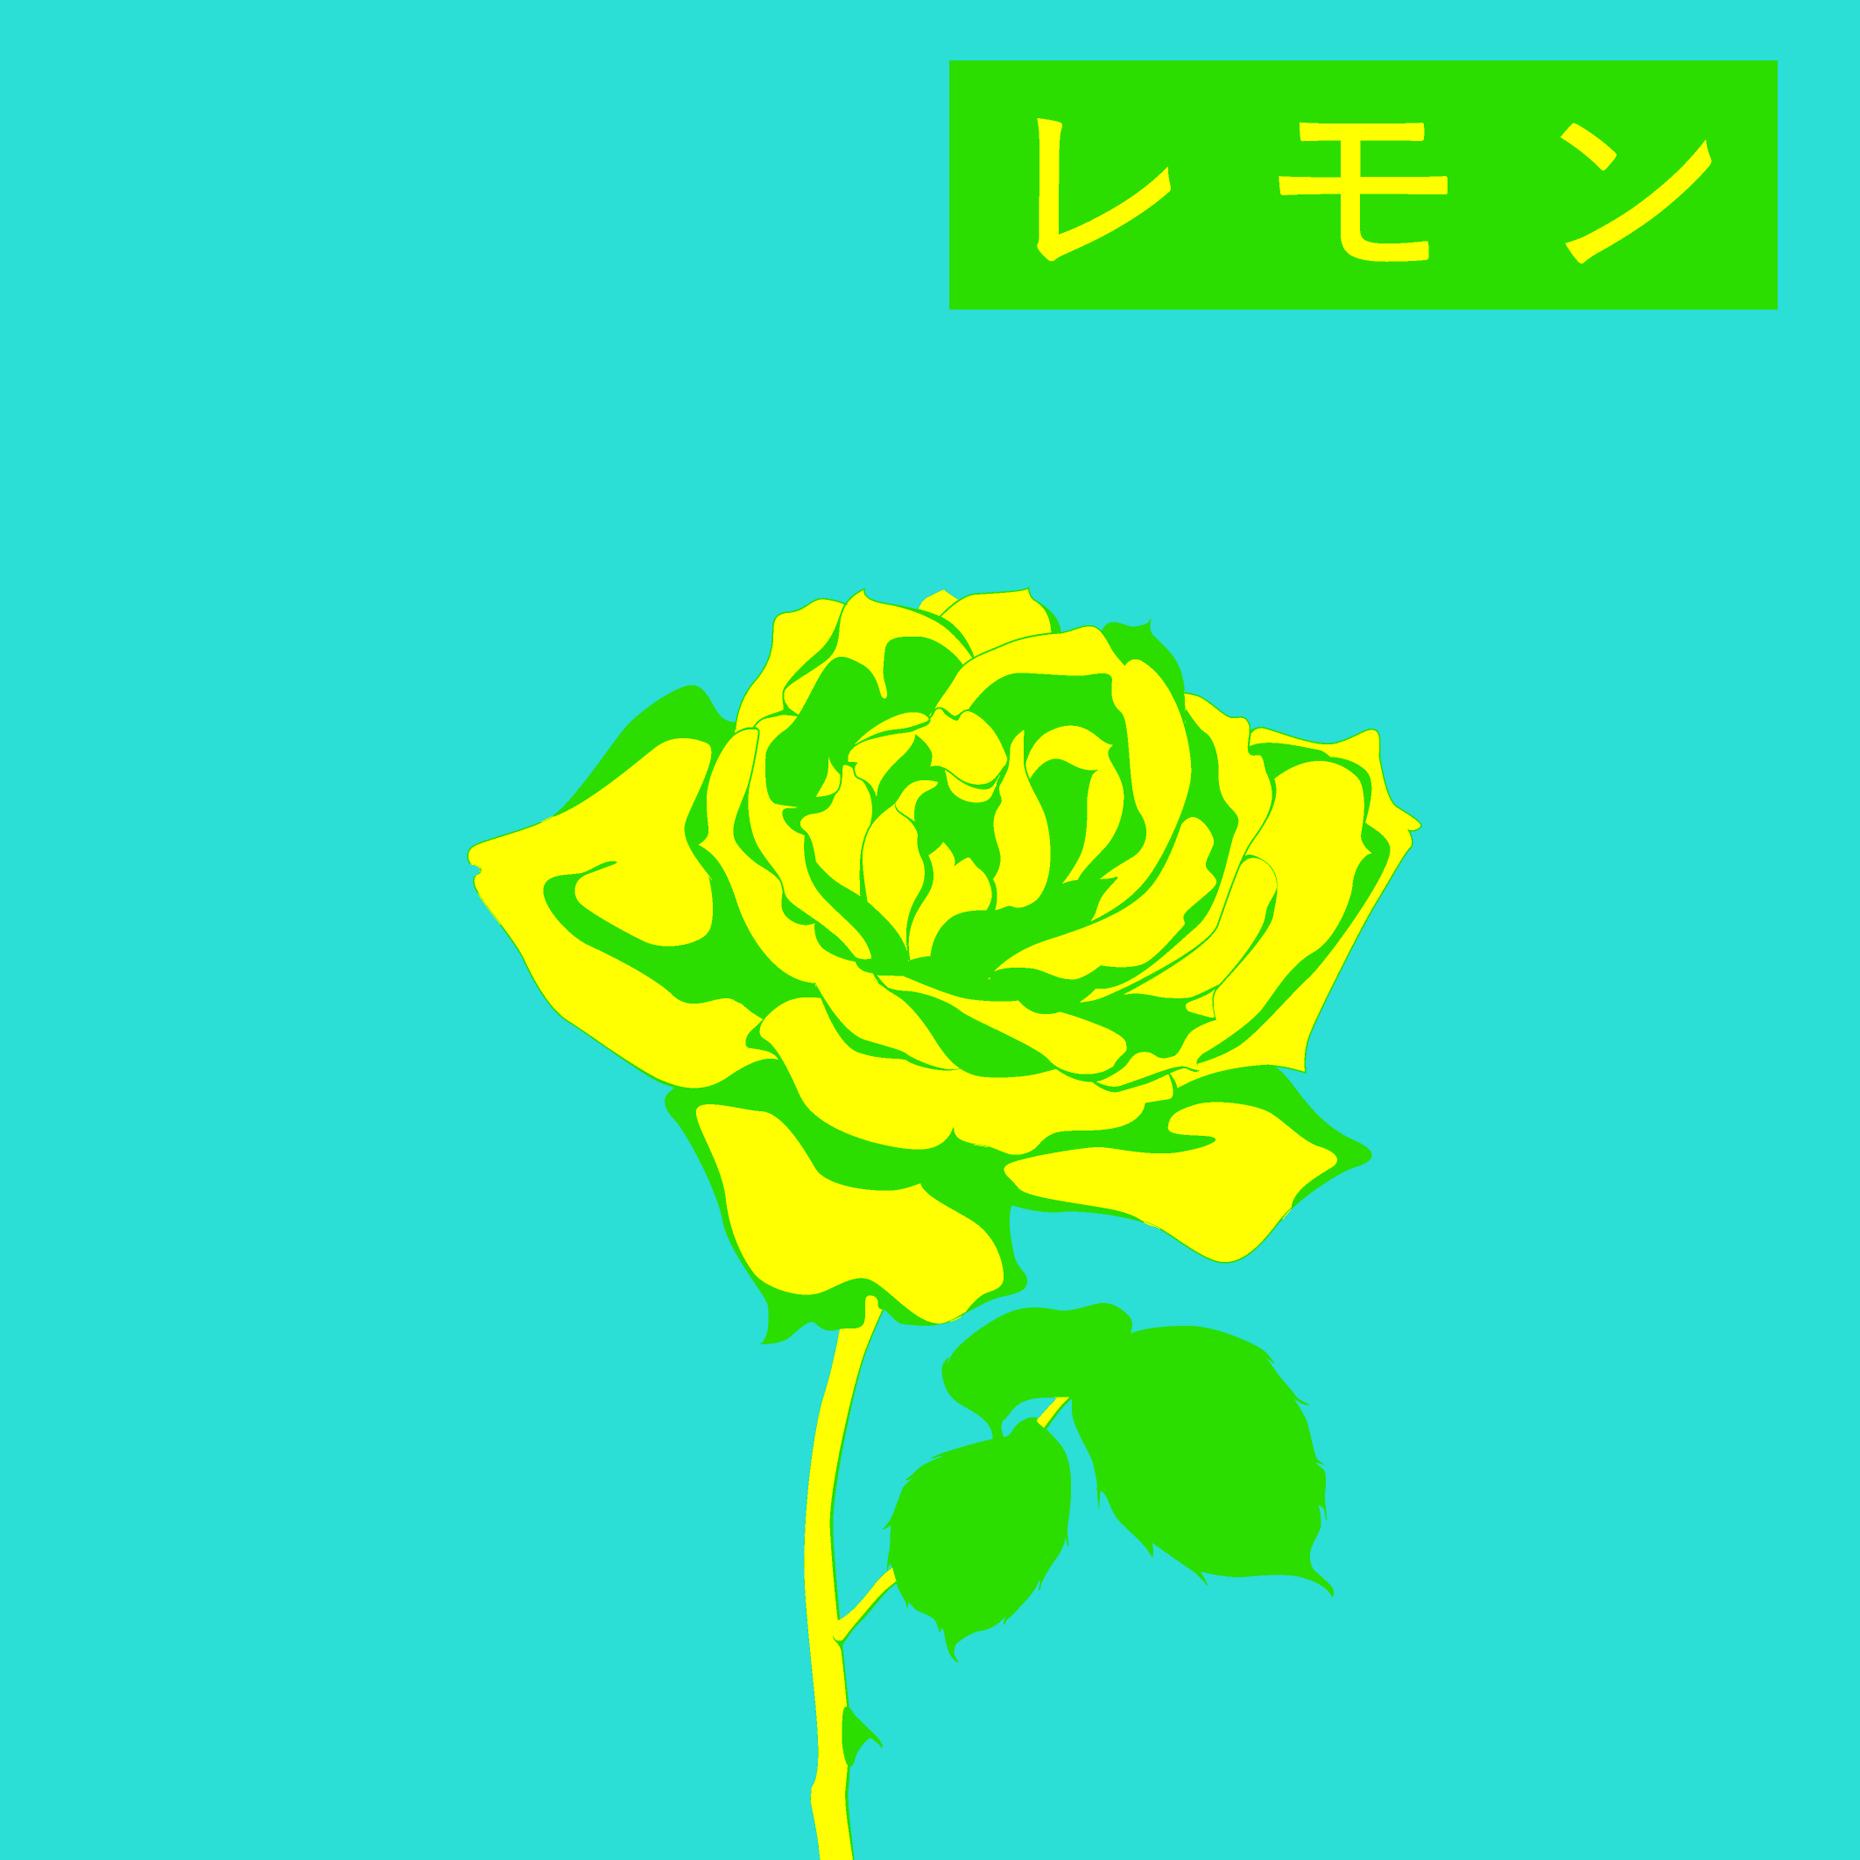 レモン | 伊藤ゴローfeat.原田知世